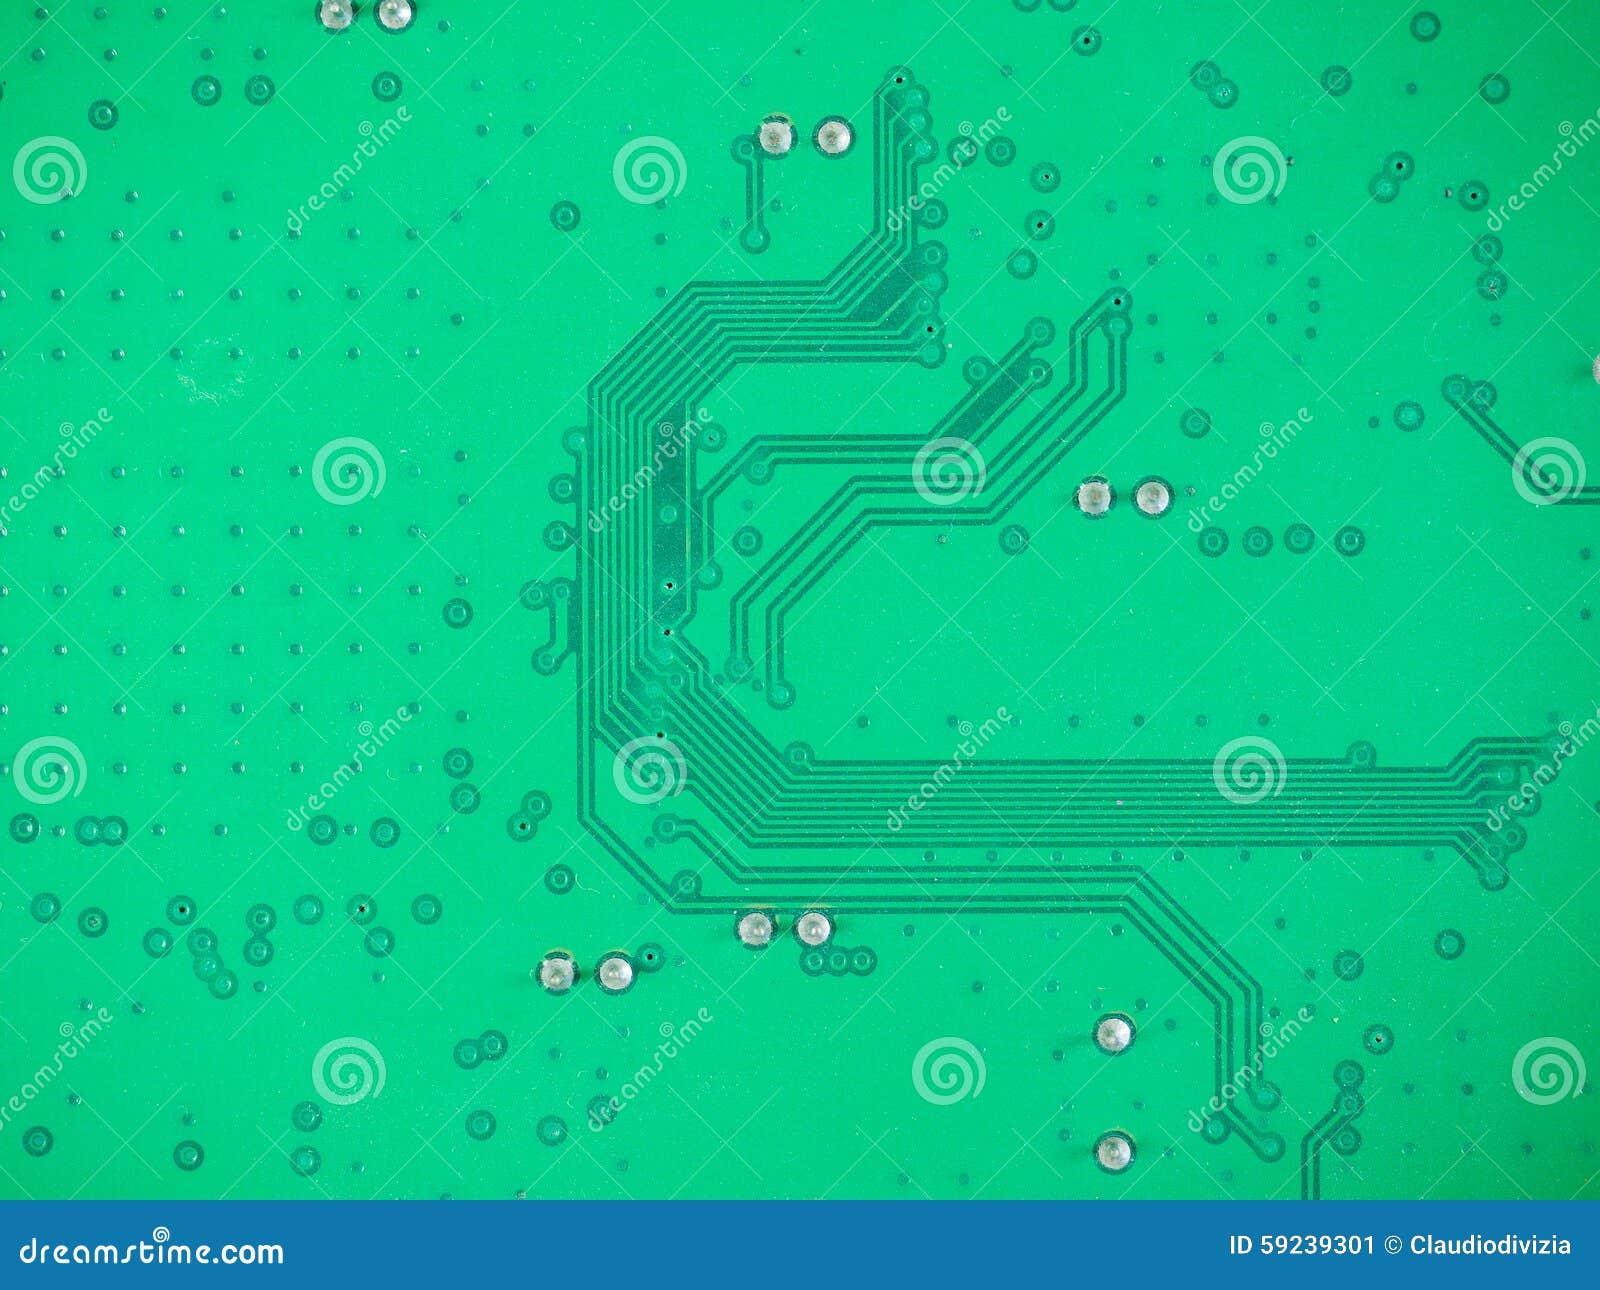 Download Fondo del circuito impreso imagen de archivo. Imagen de cableado - 59239301